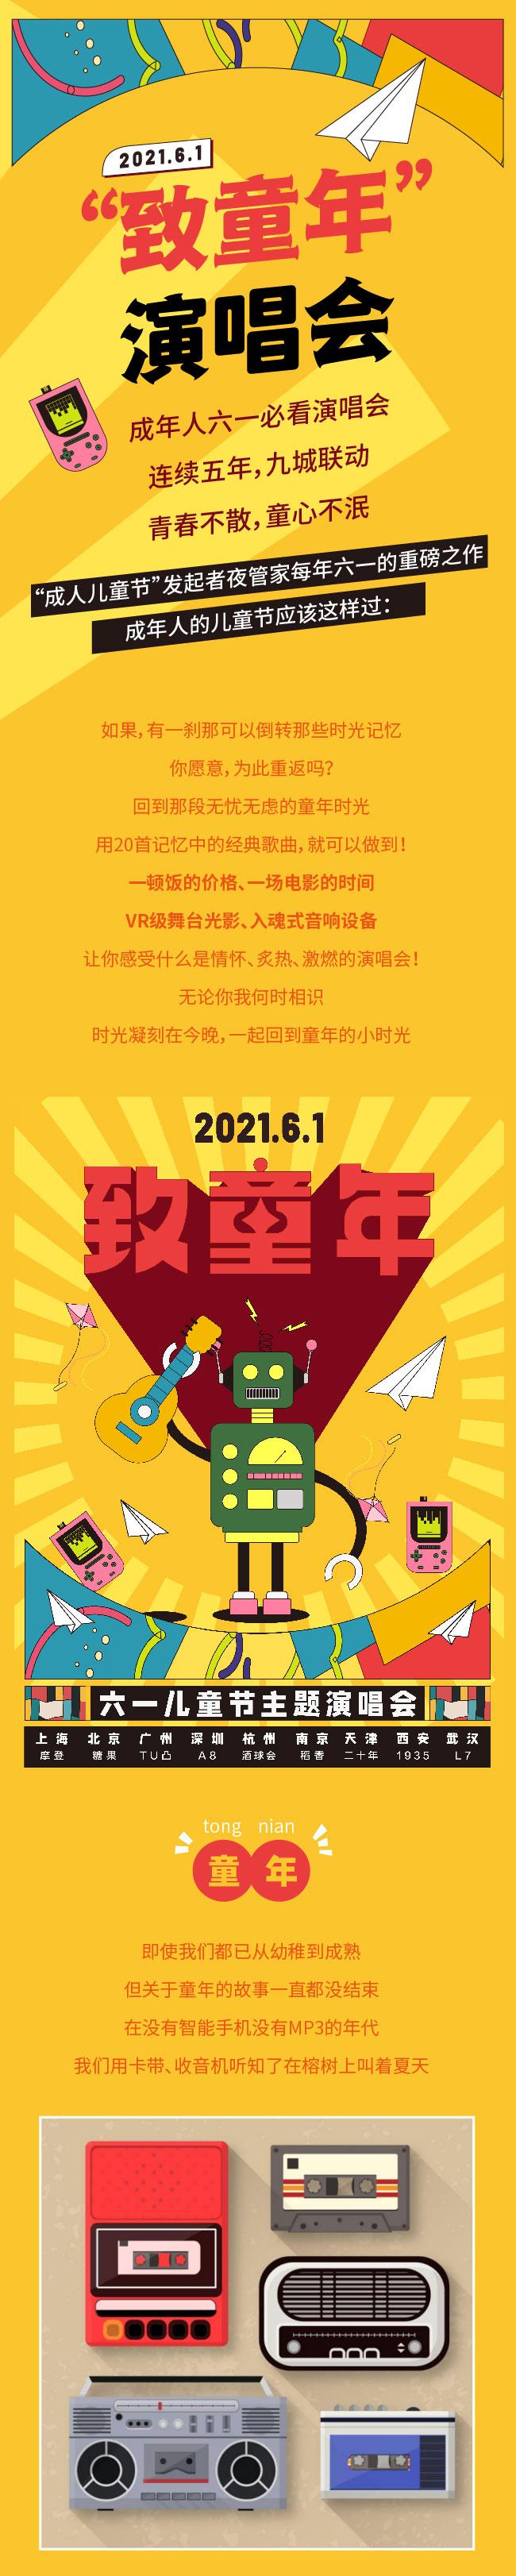 """2021""""致童年""""演唱会——青春不散,童心不泯-深圳站"""